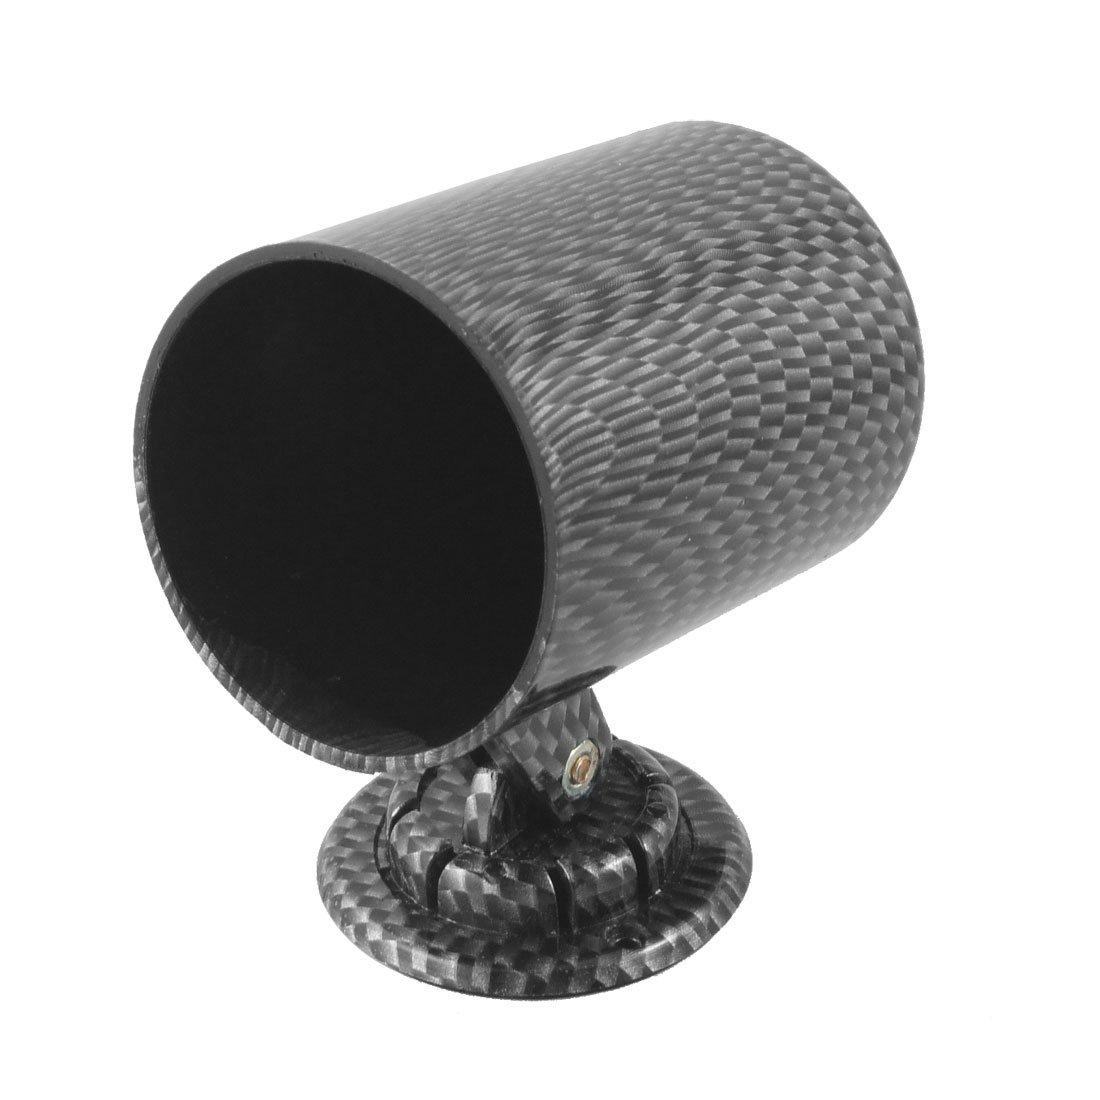 sourcingmap Car 55mm Gray Black Plastic Single Hole Gauge Pod Meter Holder a12081400ux0146